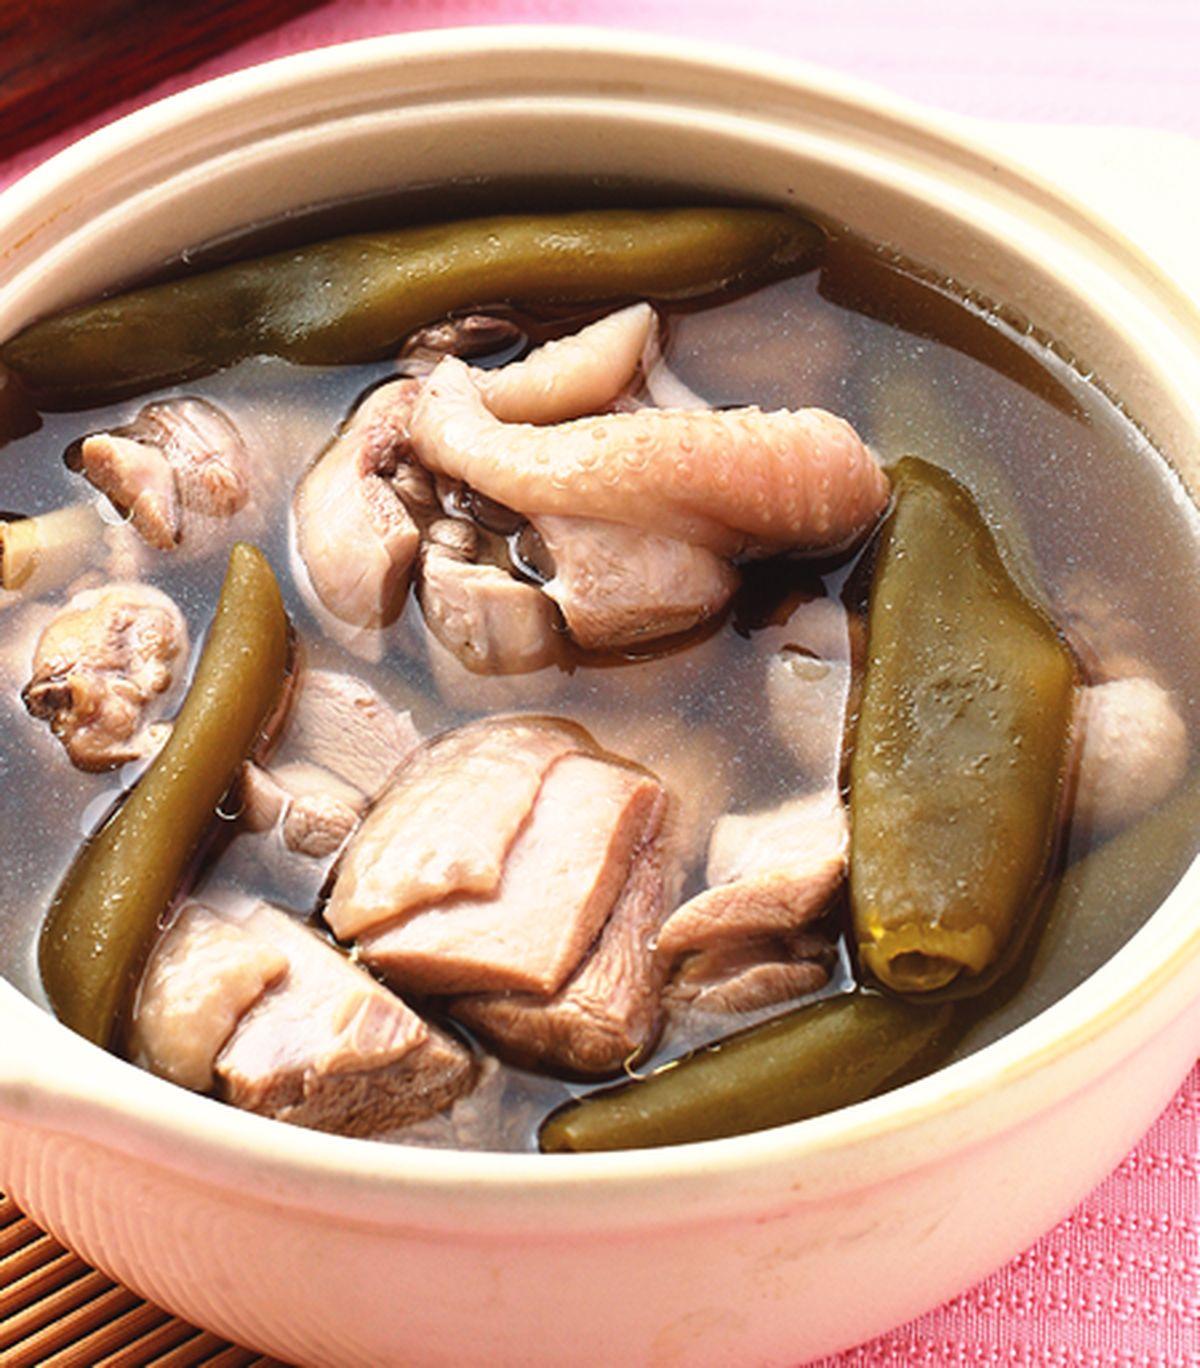 食譜:剝皮辣椒雞湯